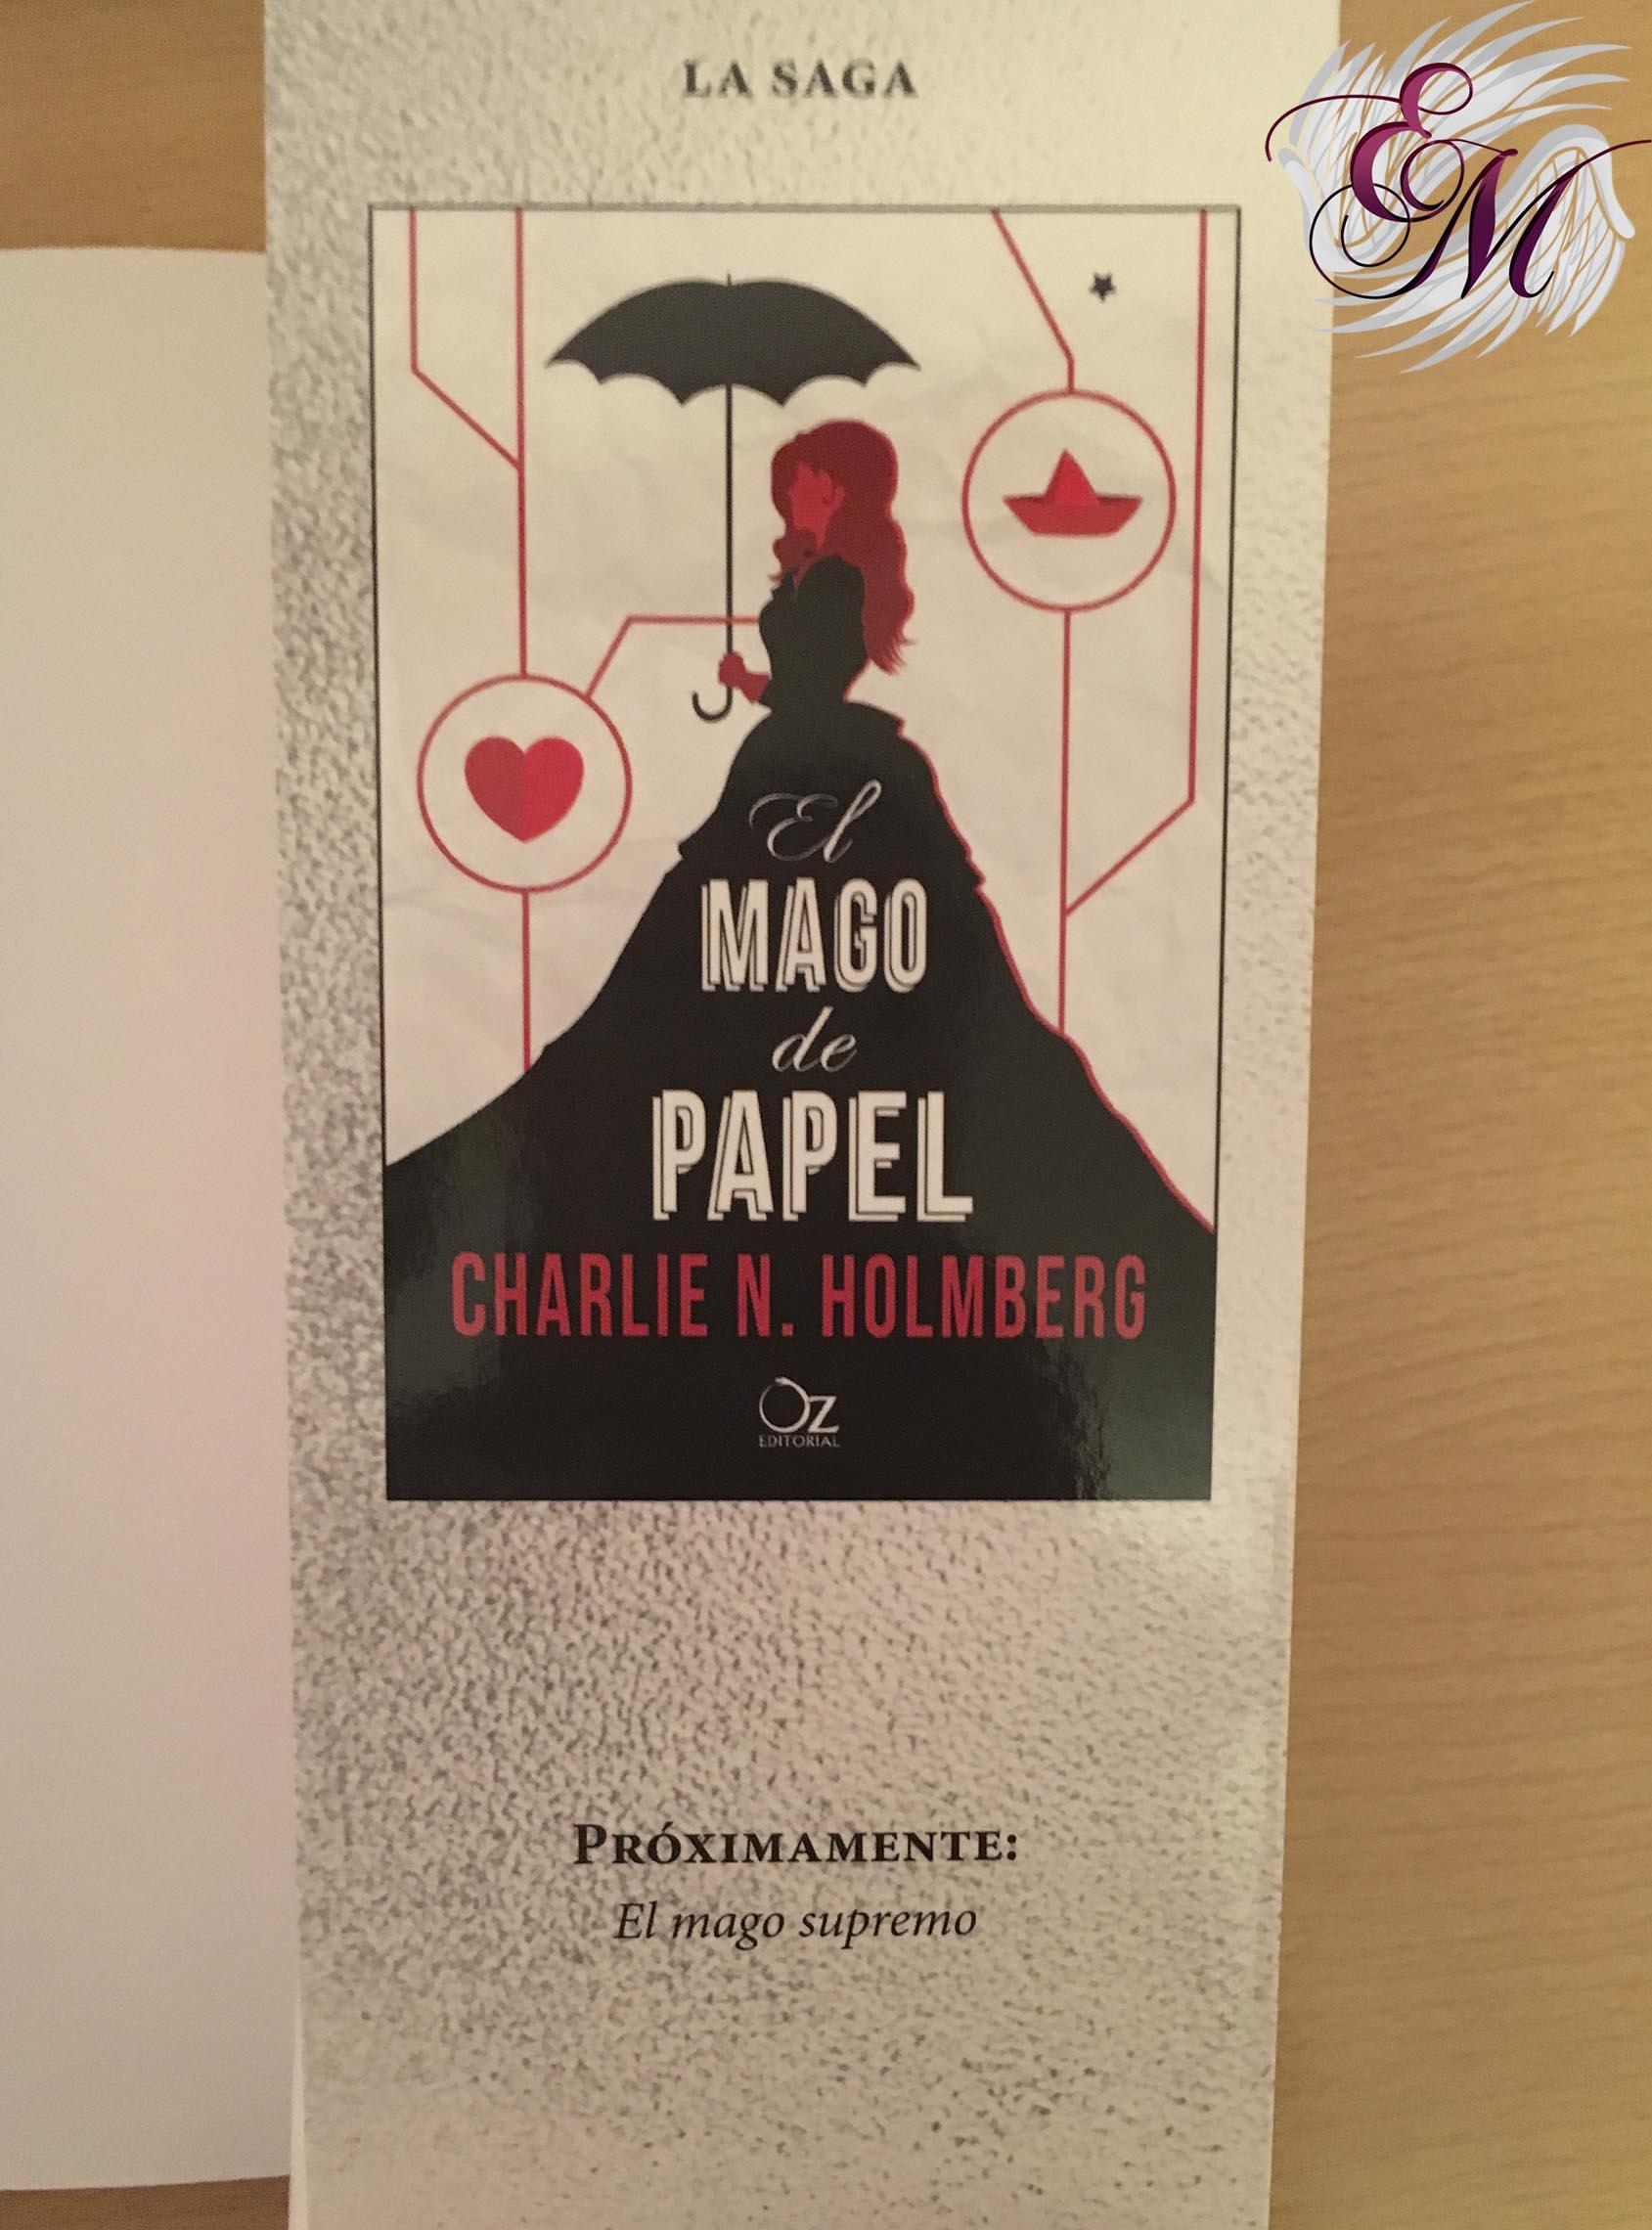 El mago de cristal, Charlie N. Holmberg - Reseña